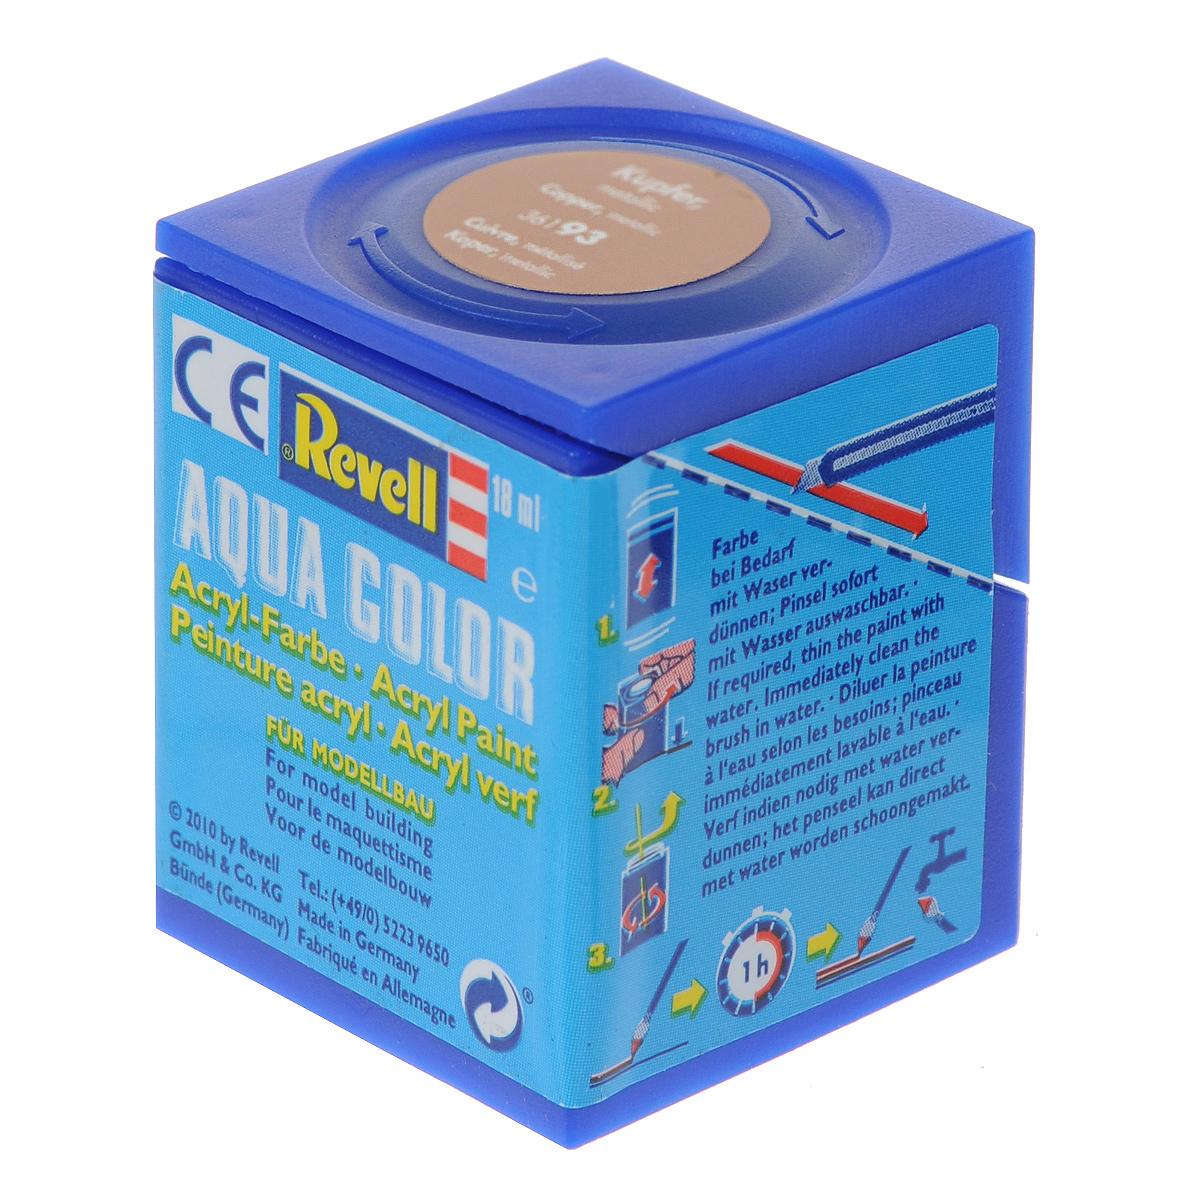 Revell Аква-краска металлик цвет медный 18 мл36193Краски для моделей Revell - это высококачественный материал для покраски ваших моделей. Данная краска служит для окрашивания пластиковых поверхностей сборных моделей Revell. В баночке содержится 18 мл краски с эффектом металлик. В случае необходимости различные оттенки эмали могут быть смешаны друг с другом, для разбавления используется Revell Color Mix.